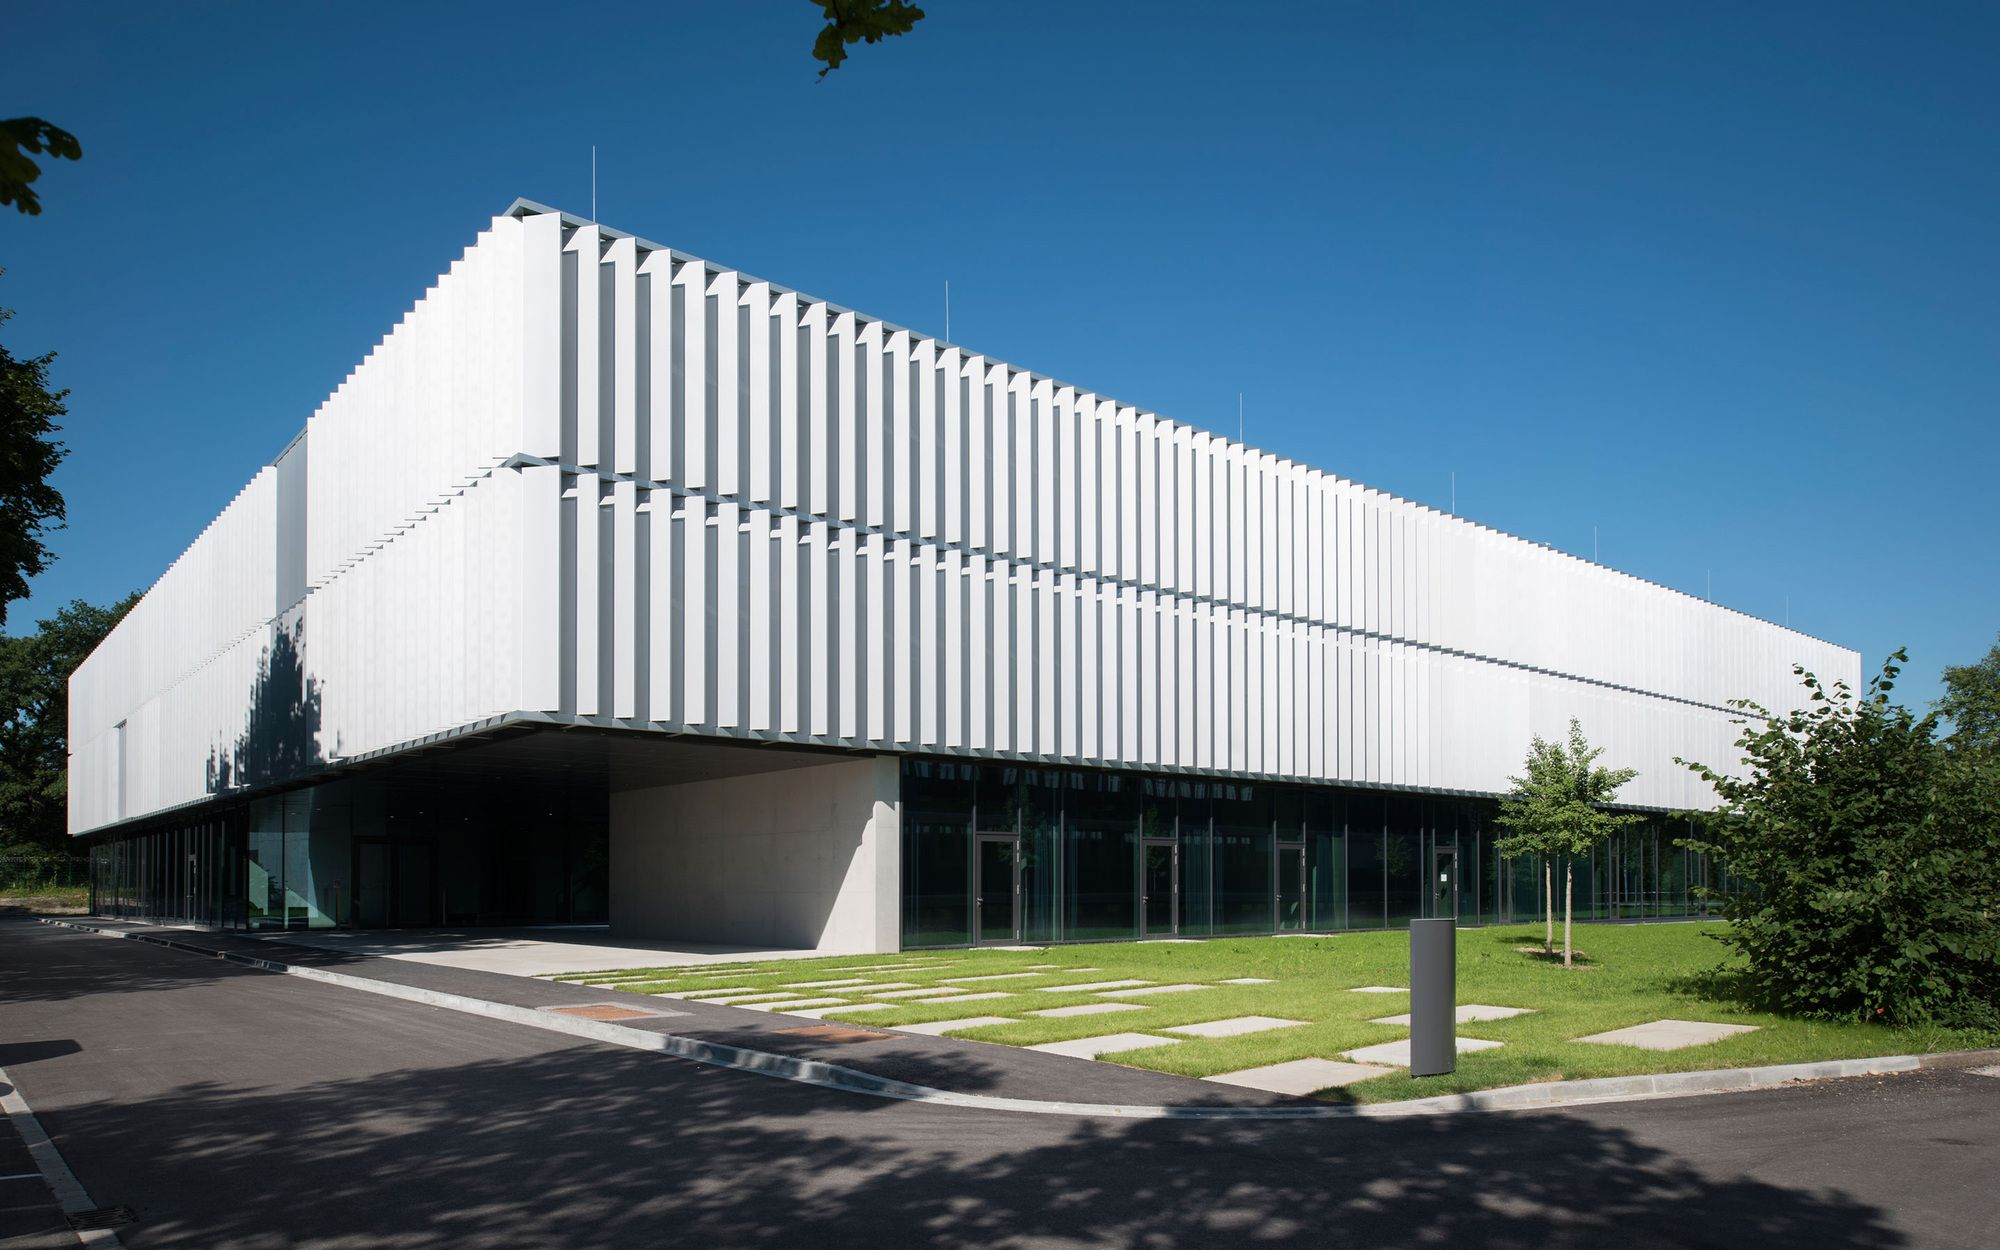 Image 15 of 20 from gallery of DLR Robotics and Mechatronics Center / Birk Heilmeyer und Frenzel Architekten. Photograph by Henning Koepke